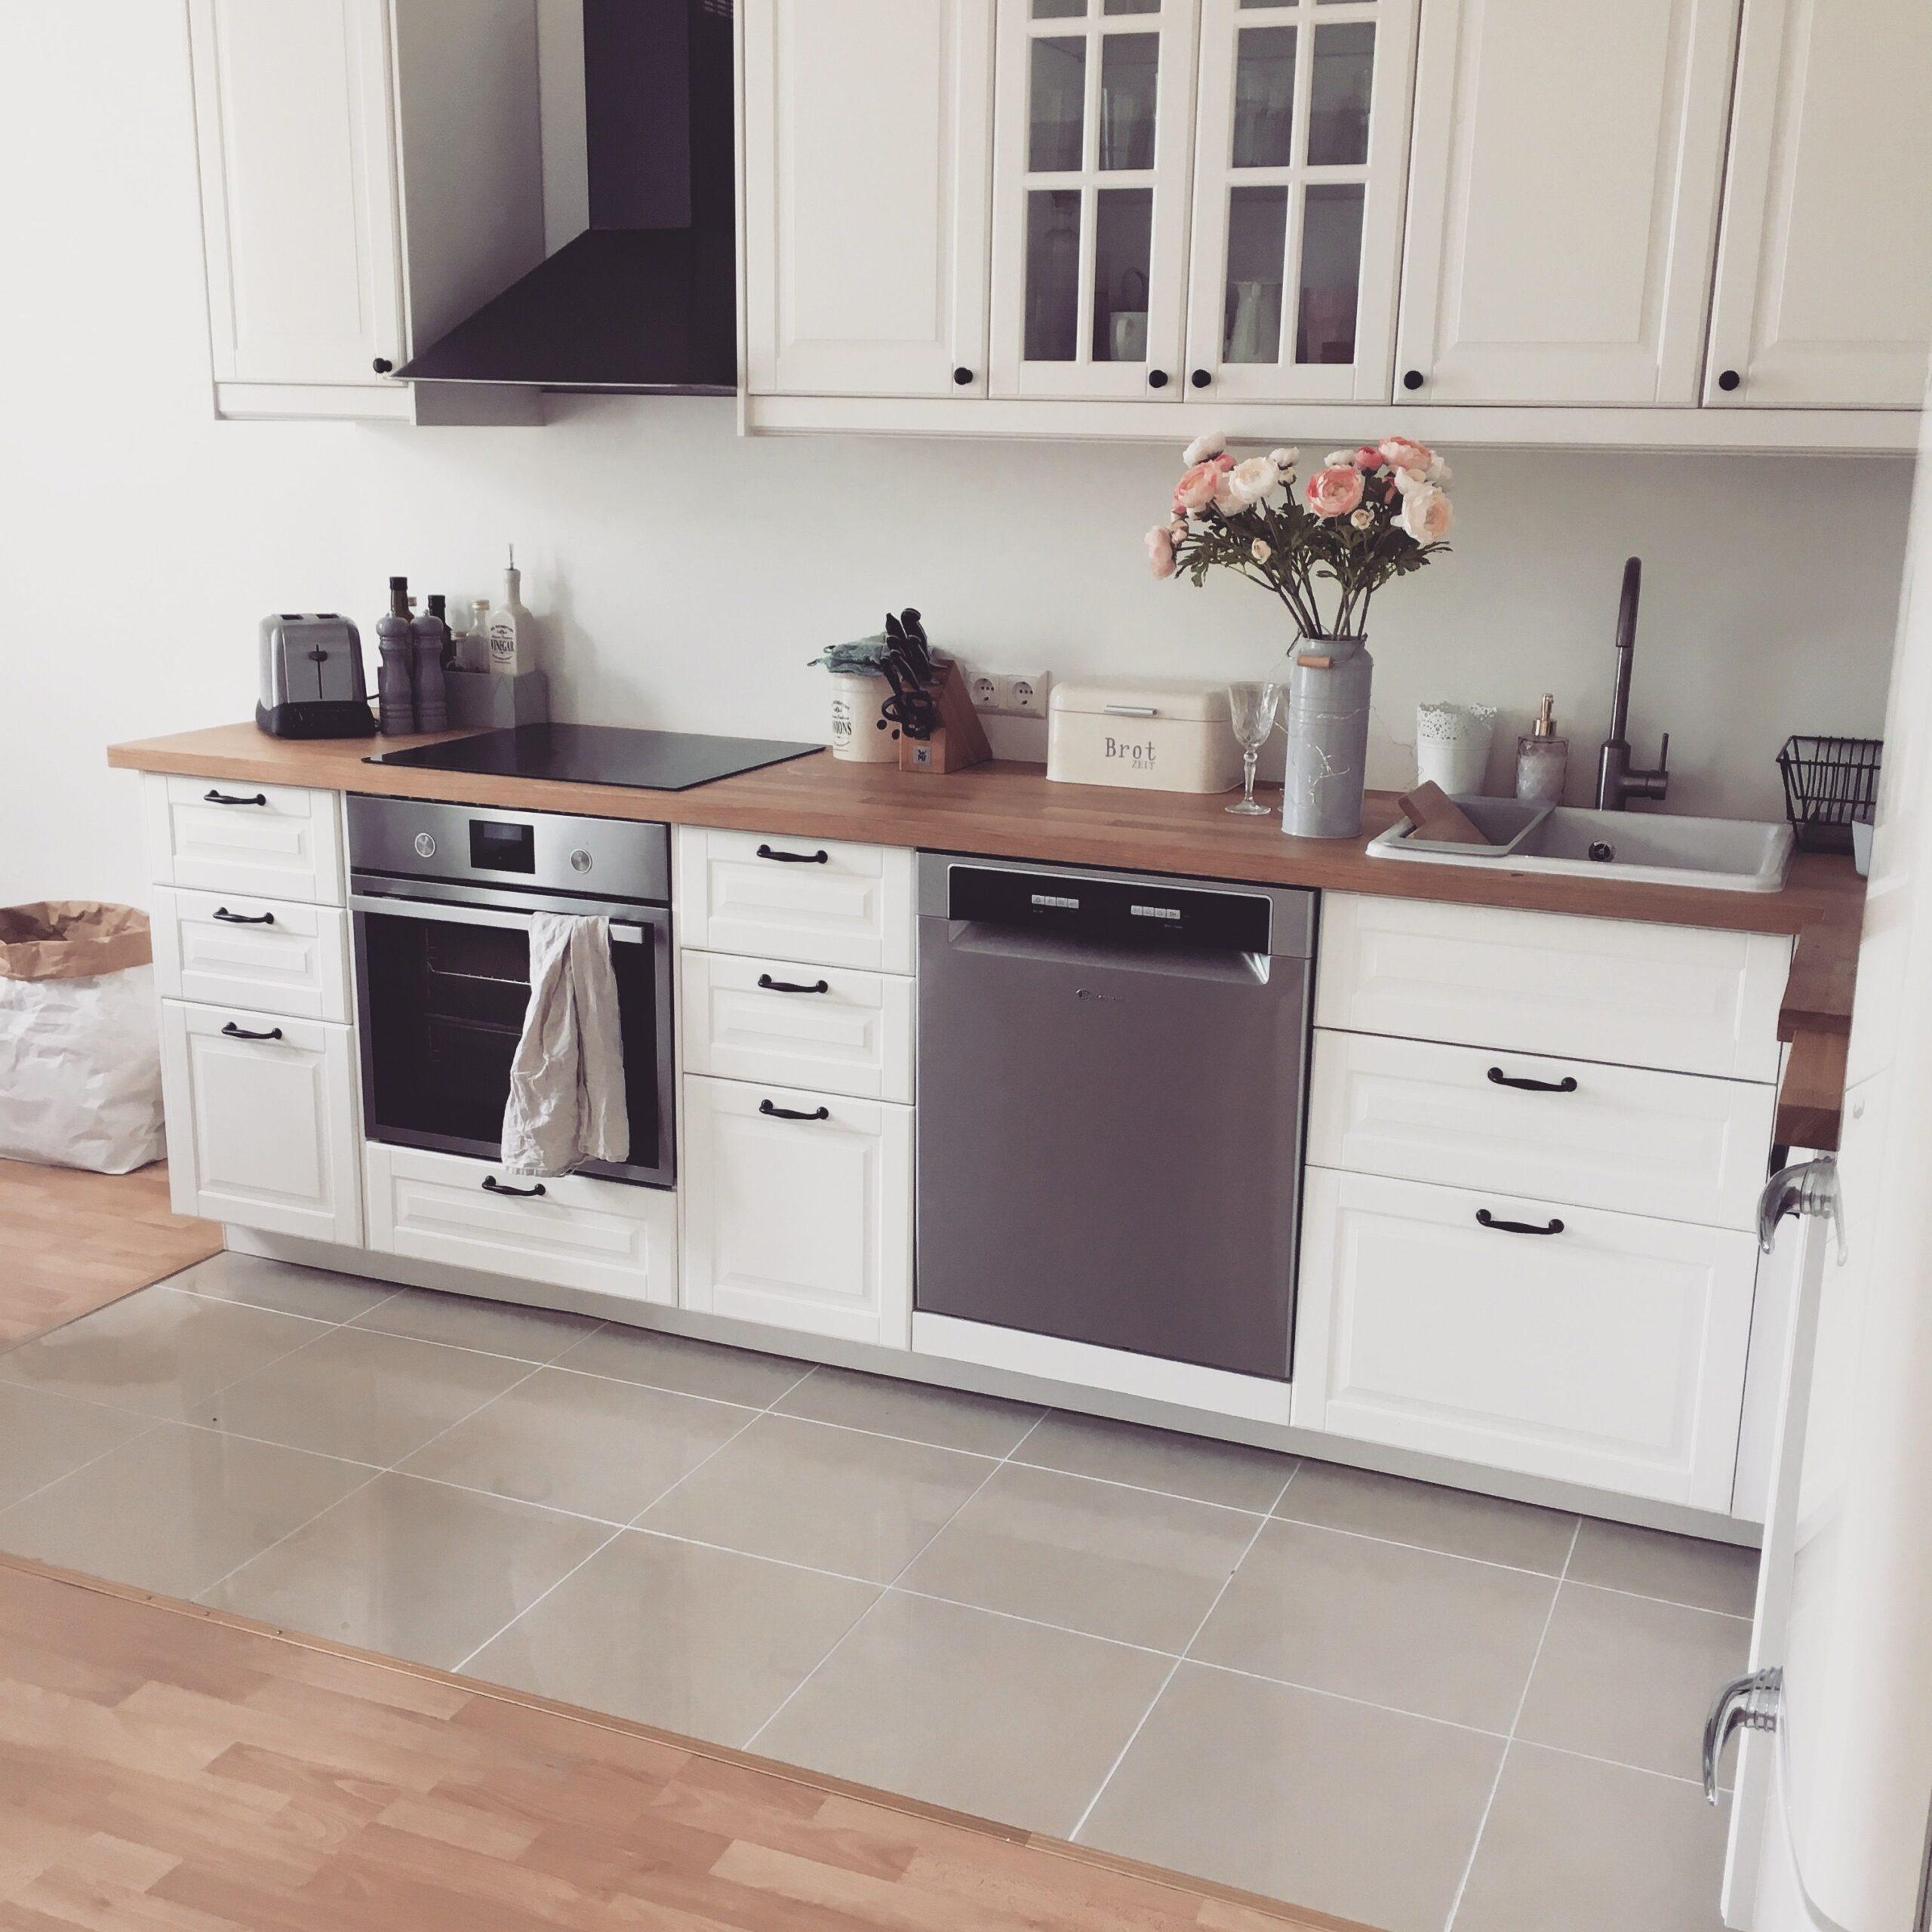 Full Size of Lieblingsplatz Ikea Kche Landhausstil Bodbyn Inselküche Abverkauf Miniküche Küche Kosten Modulküche Sofa Mit Schlaffunktion Kaufen Betten Bei 160x200 Wohnzimmer Inselküche Ikea